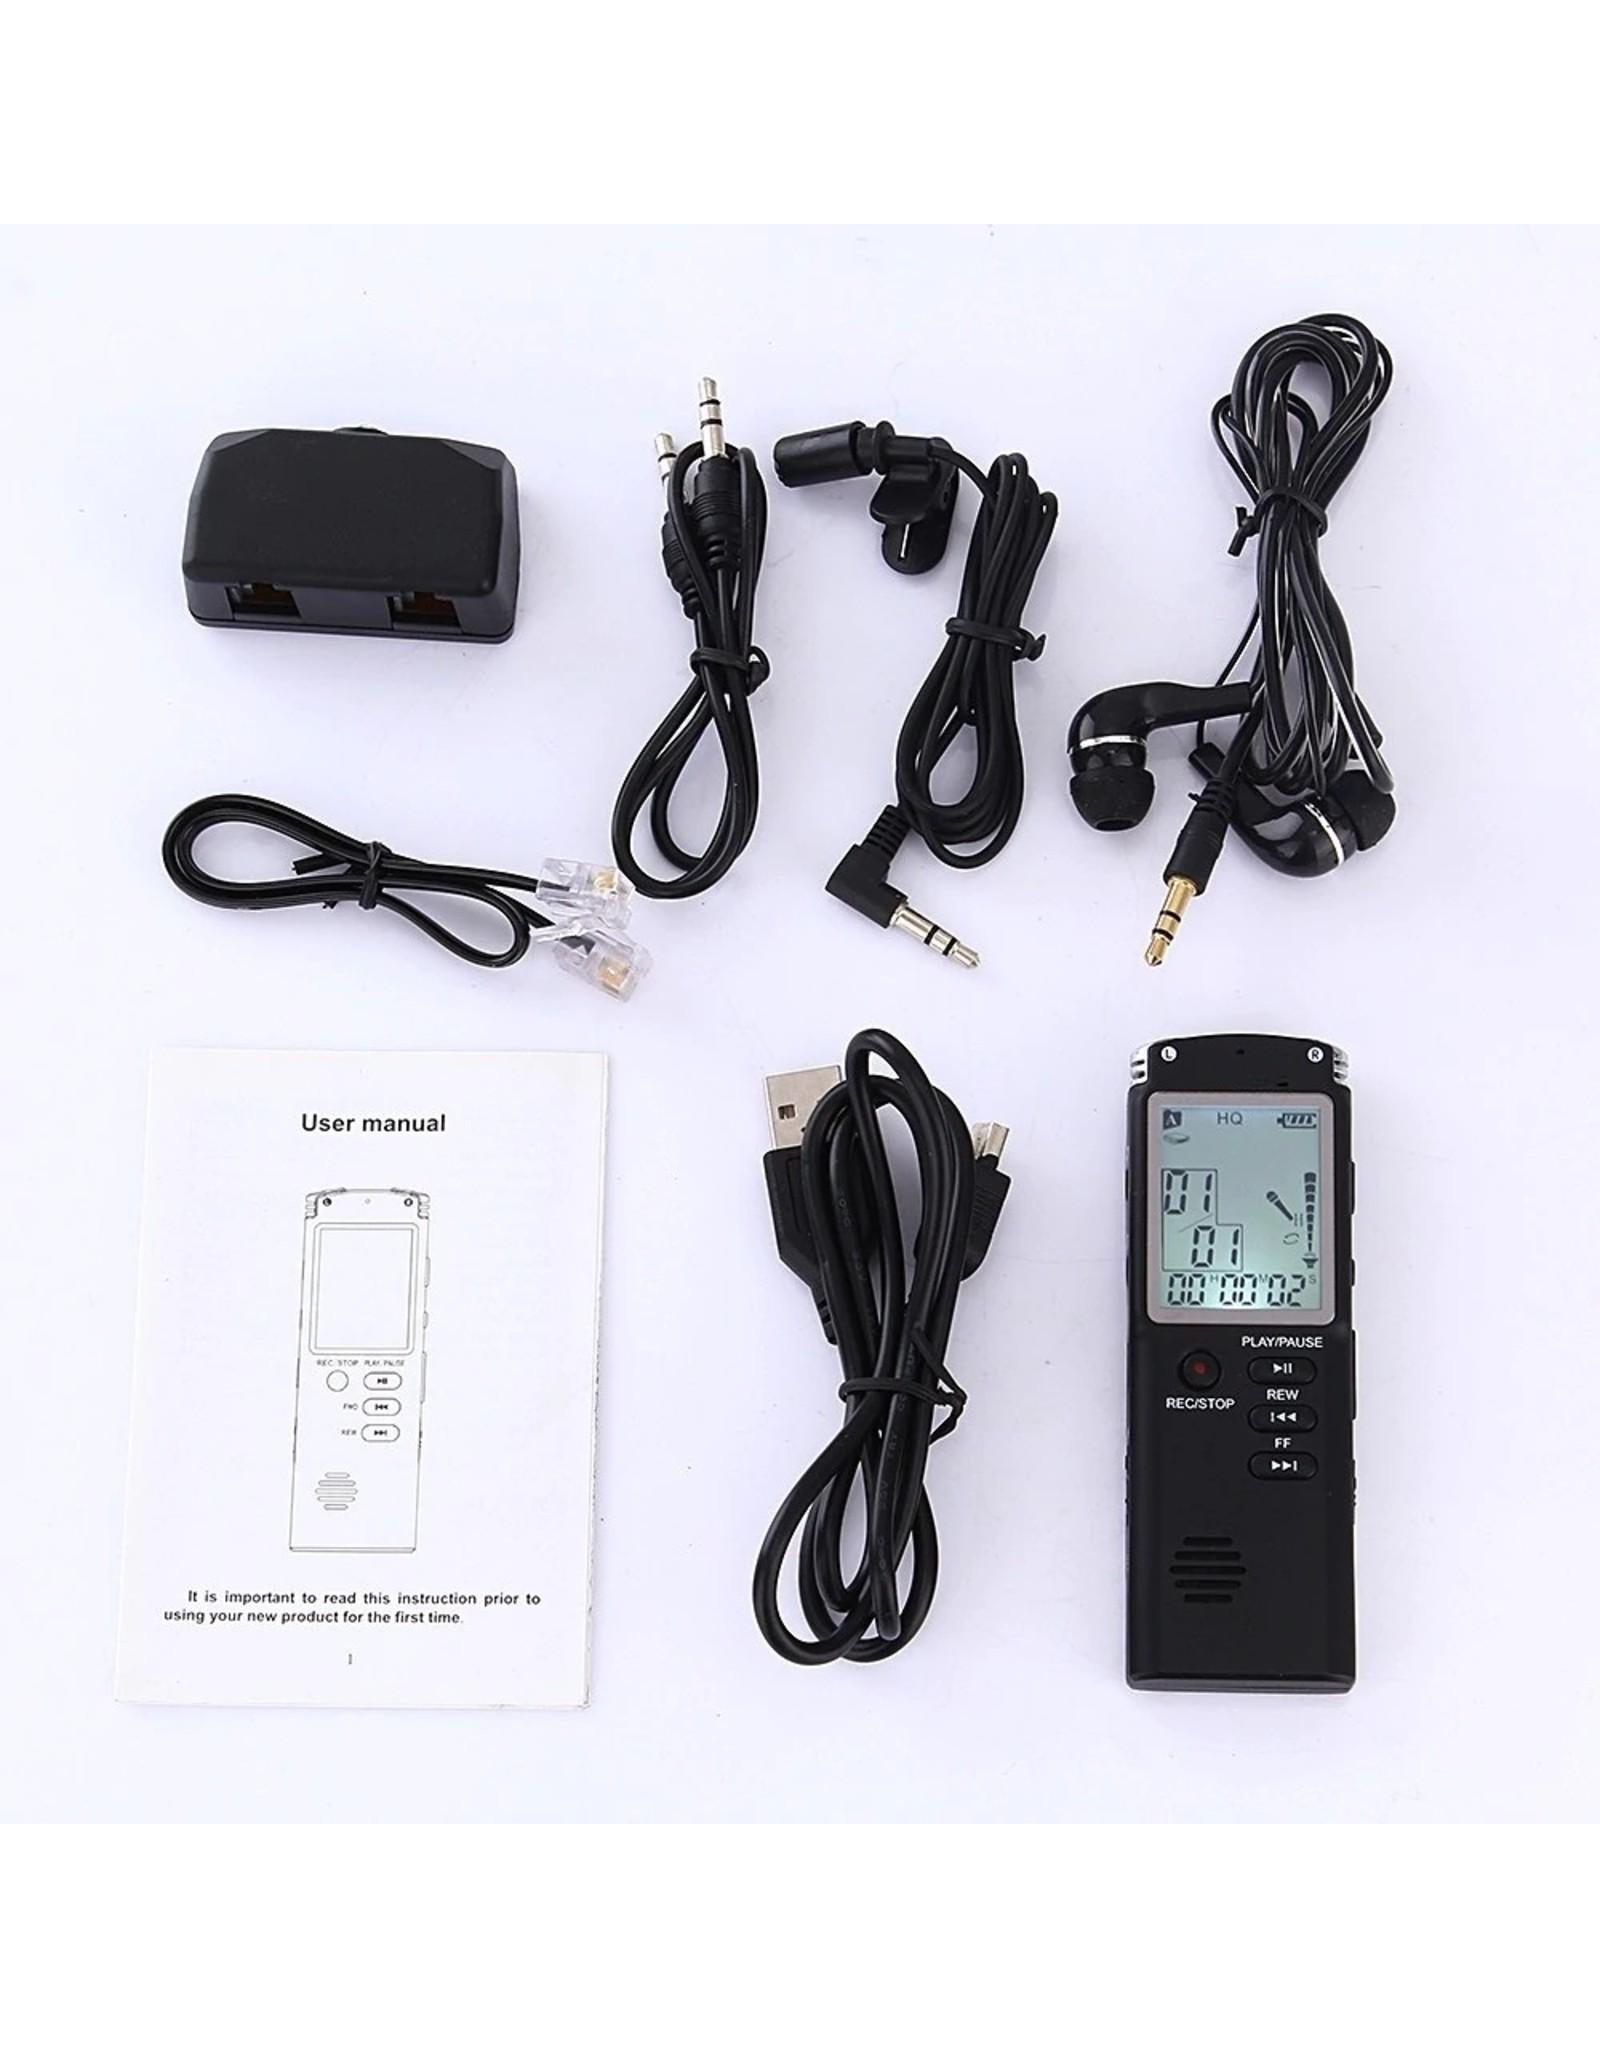 Premium Digitale Recorder - Premium Voice Recorder - Multifunctionele Voice Recorder